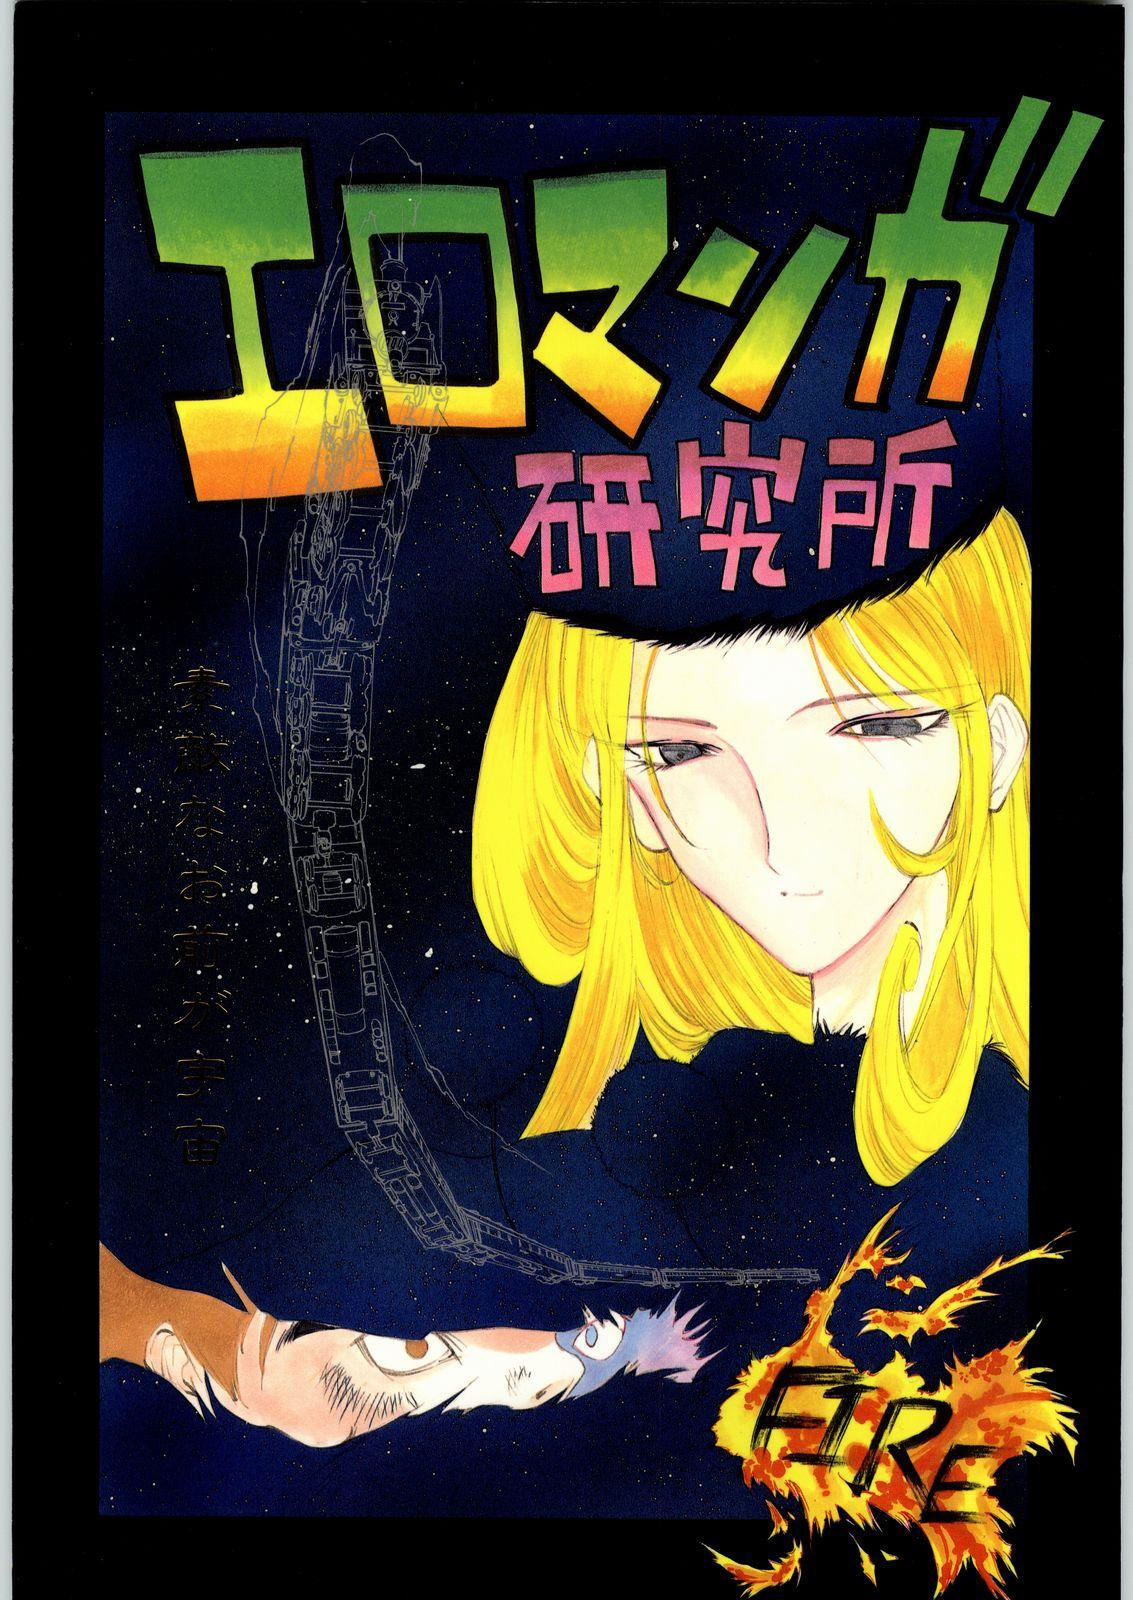 Ero Manga Kenkyuujo FIRE 0